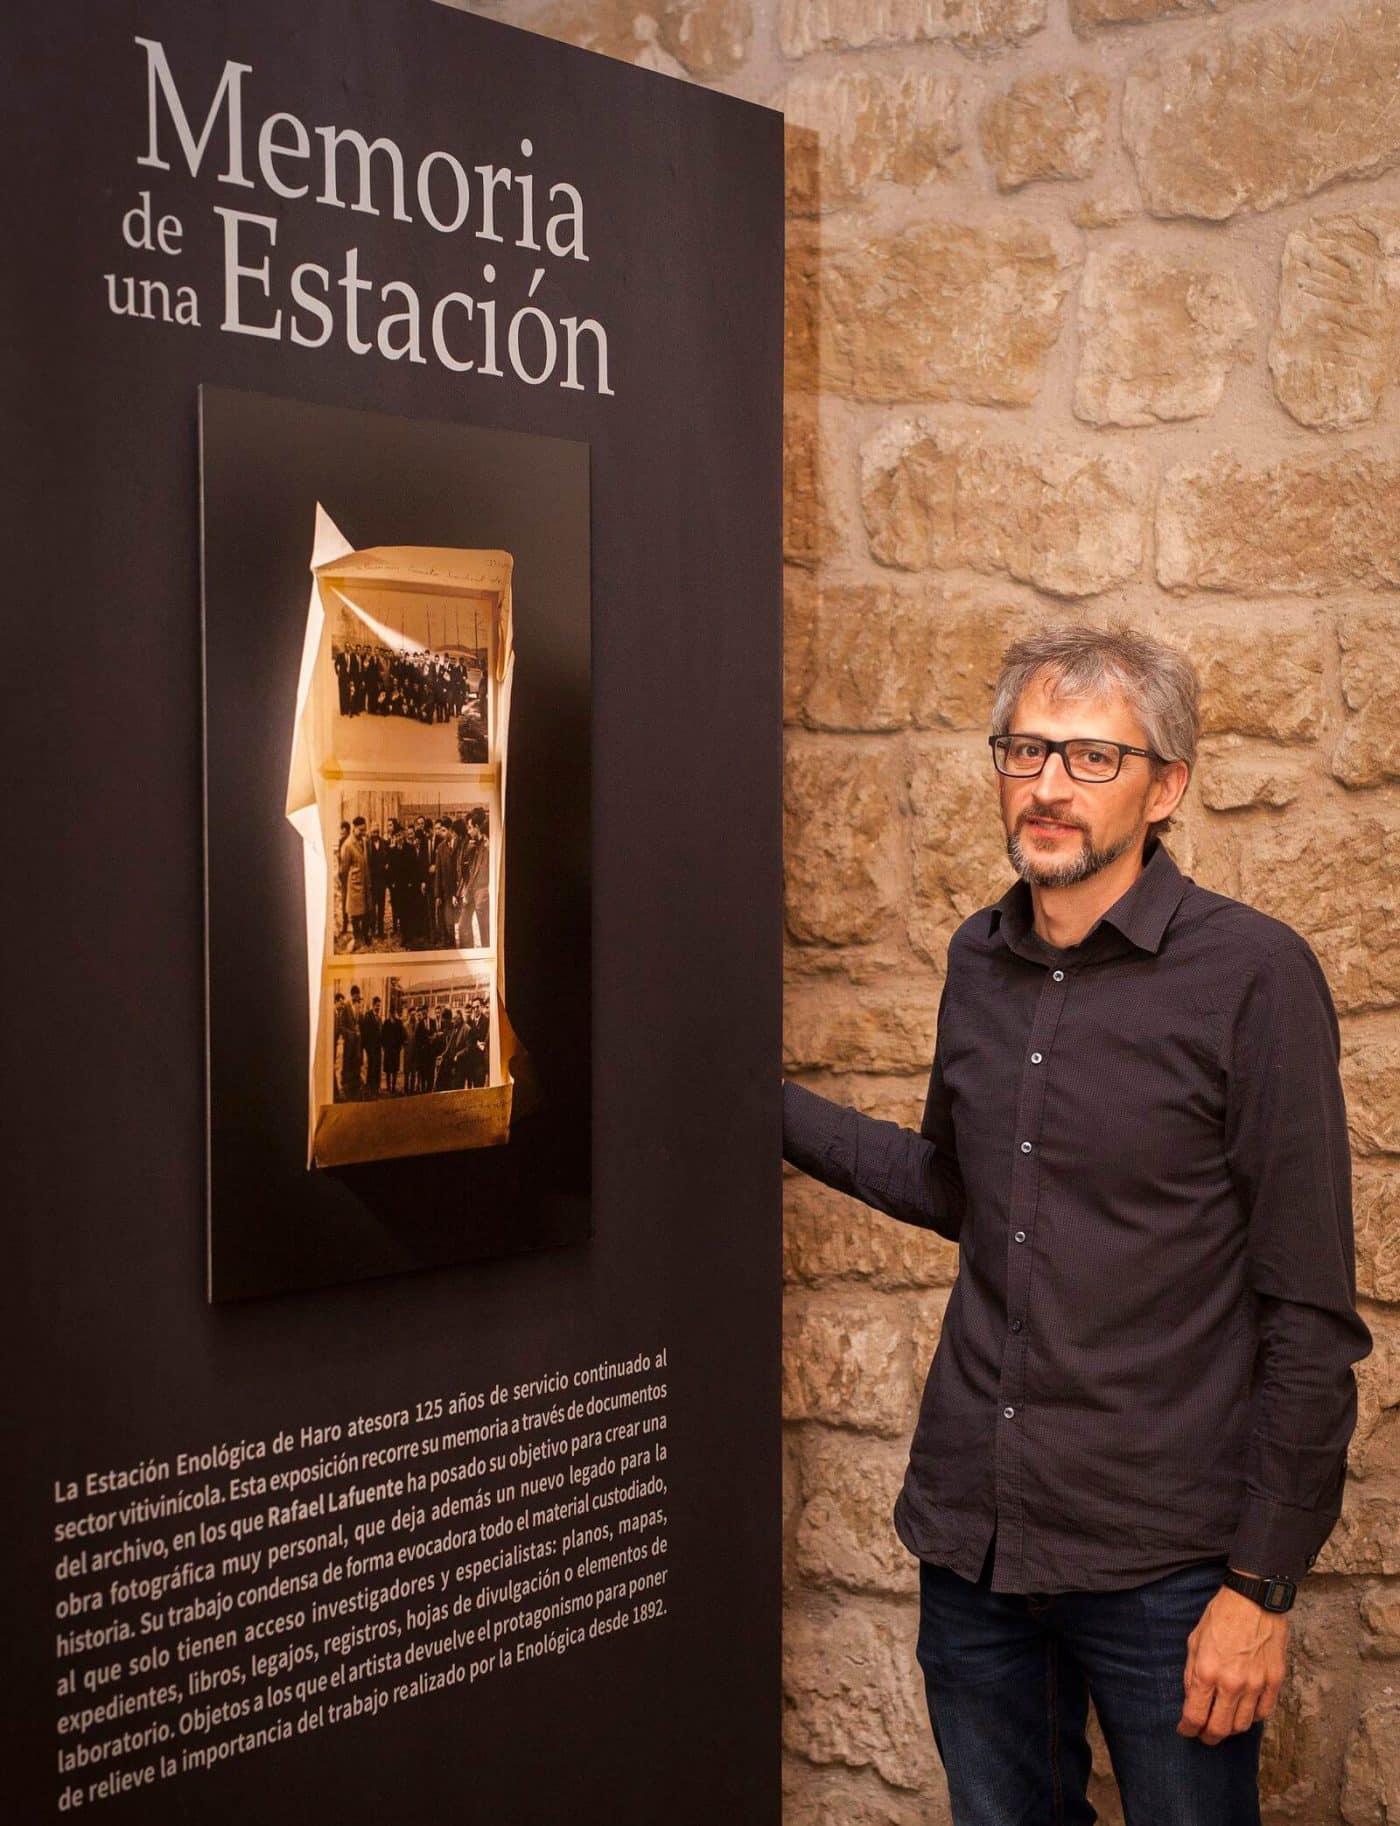 'Memoria de una Estación', un nuevo legado para la historia del vino en La Rioja 3